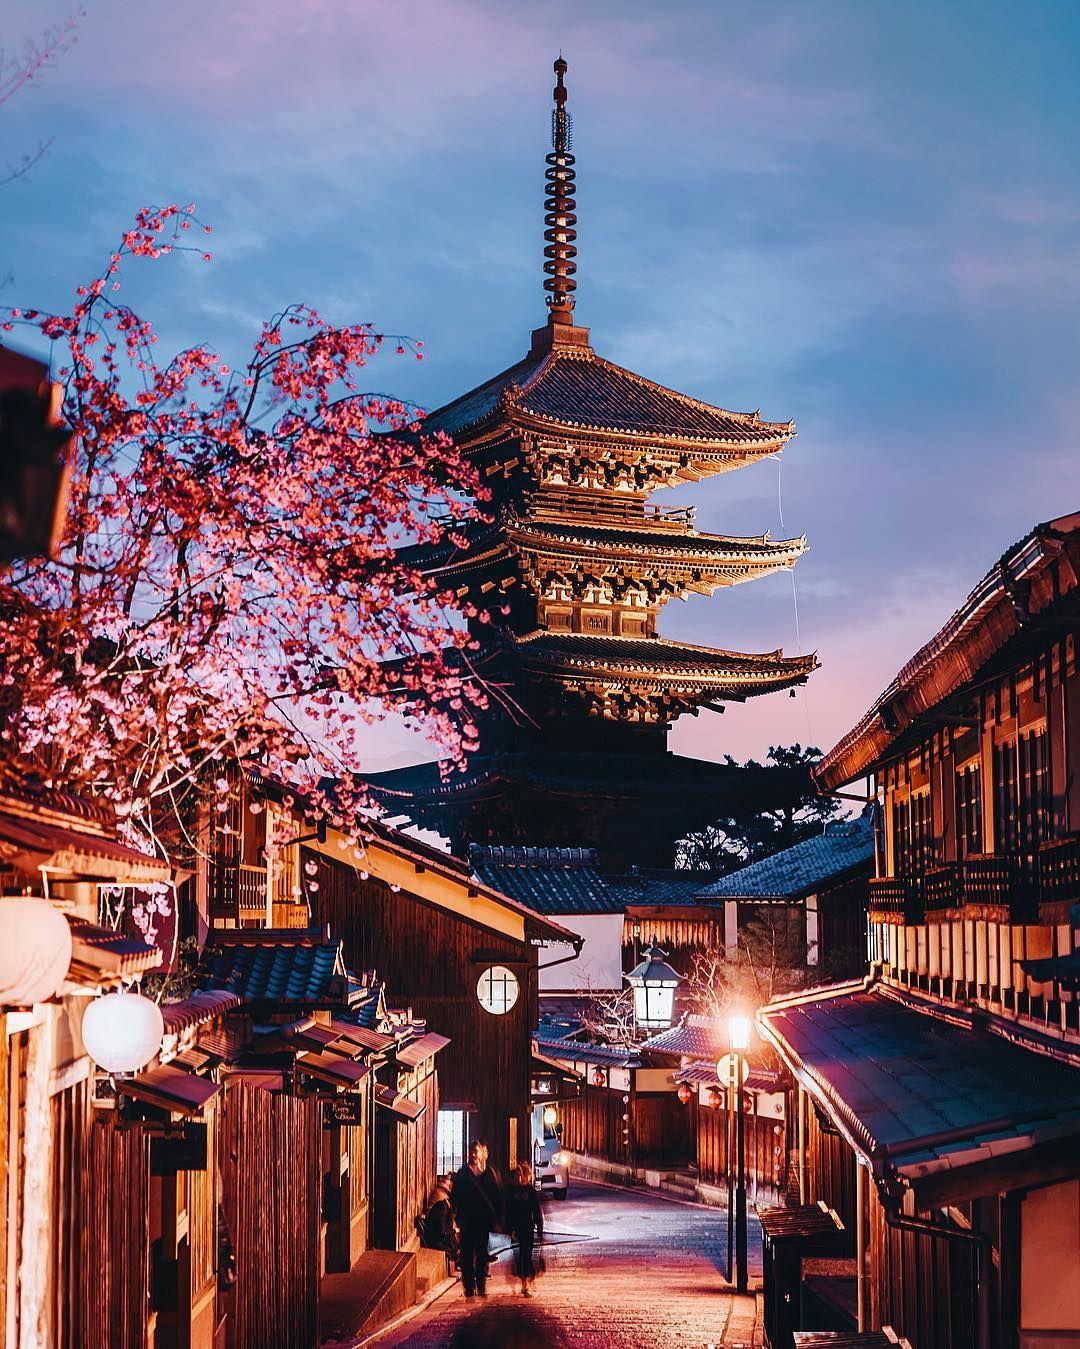 ロシアの写真家が日本にやってきた。ロシア人目線で「日本の春」を撮影していった。すべてが新鮮でただもう美しくて・・・ : カラパイア